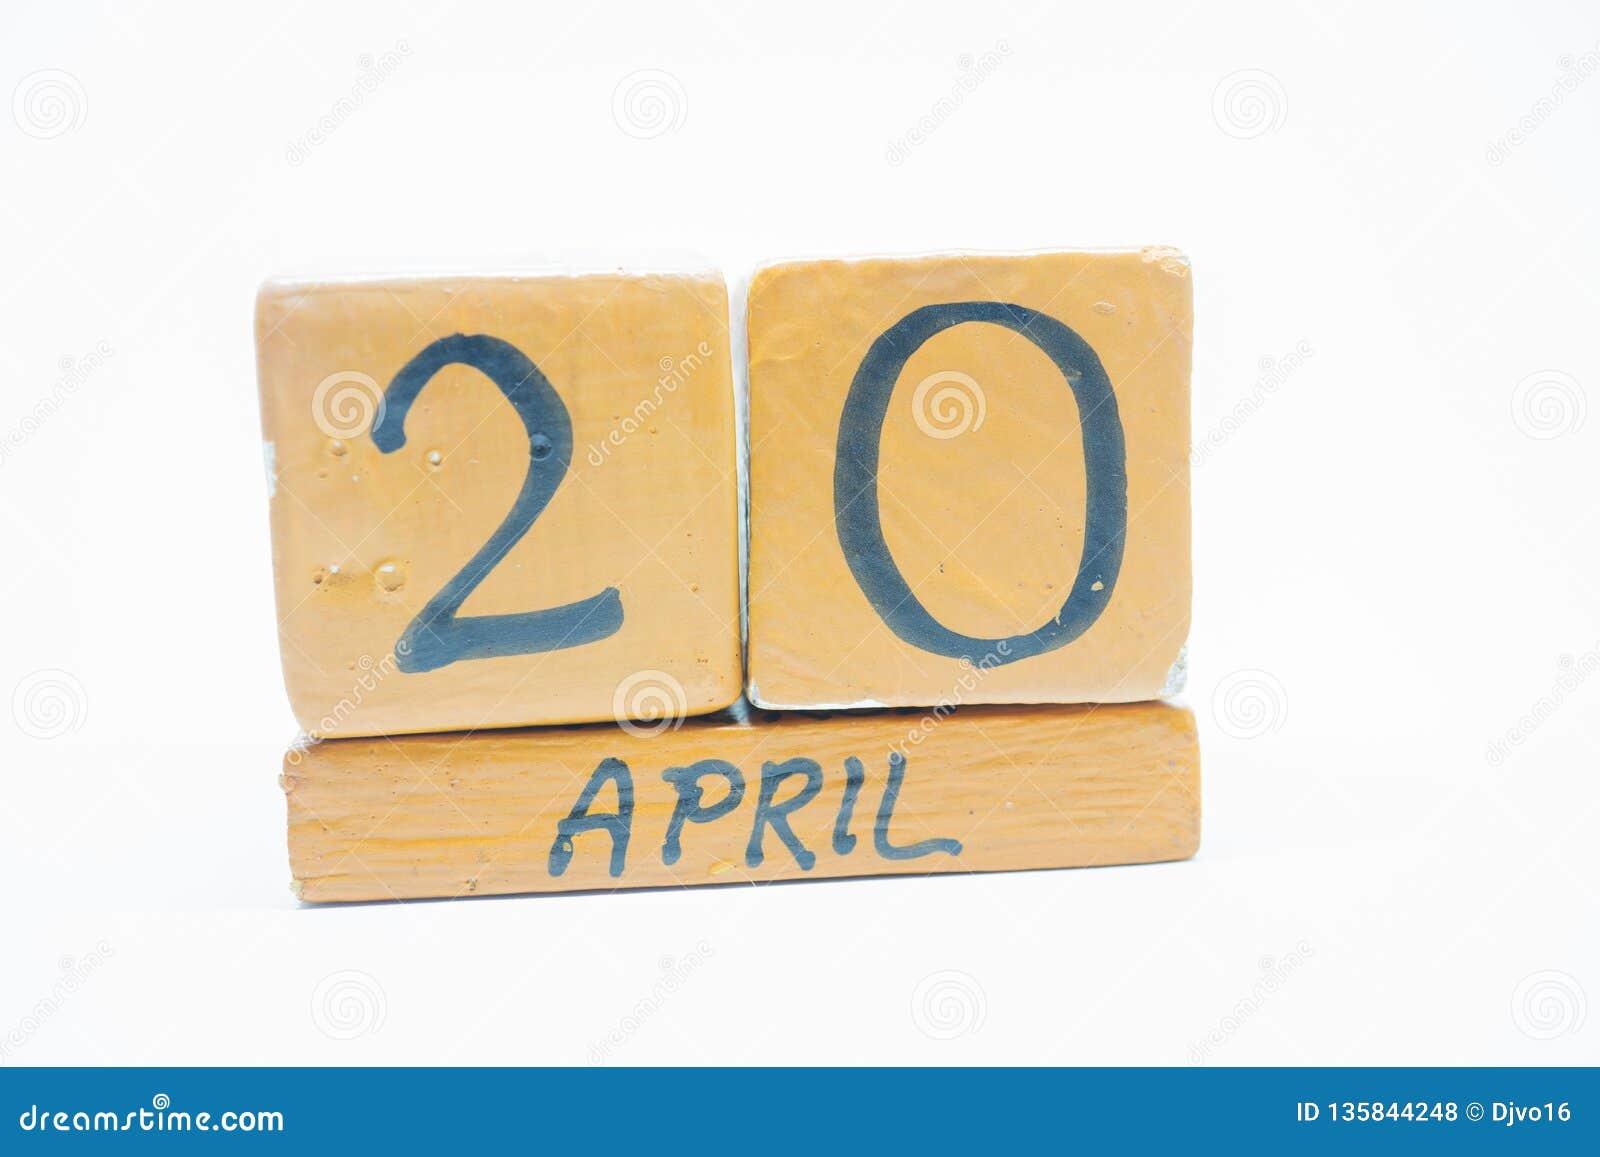 Calendario Giorno.20 Aprile Giorno 20 Del Mese Calendario Di Legno Fatto A